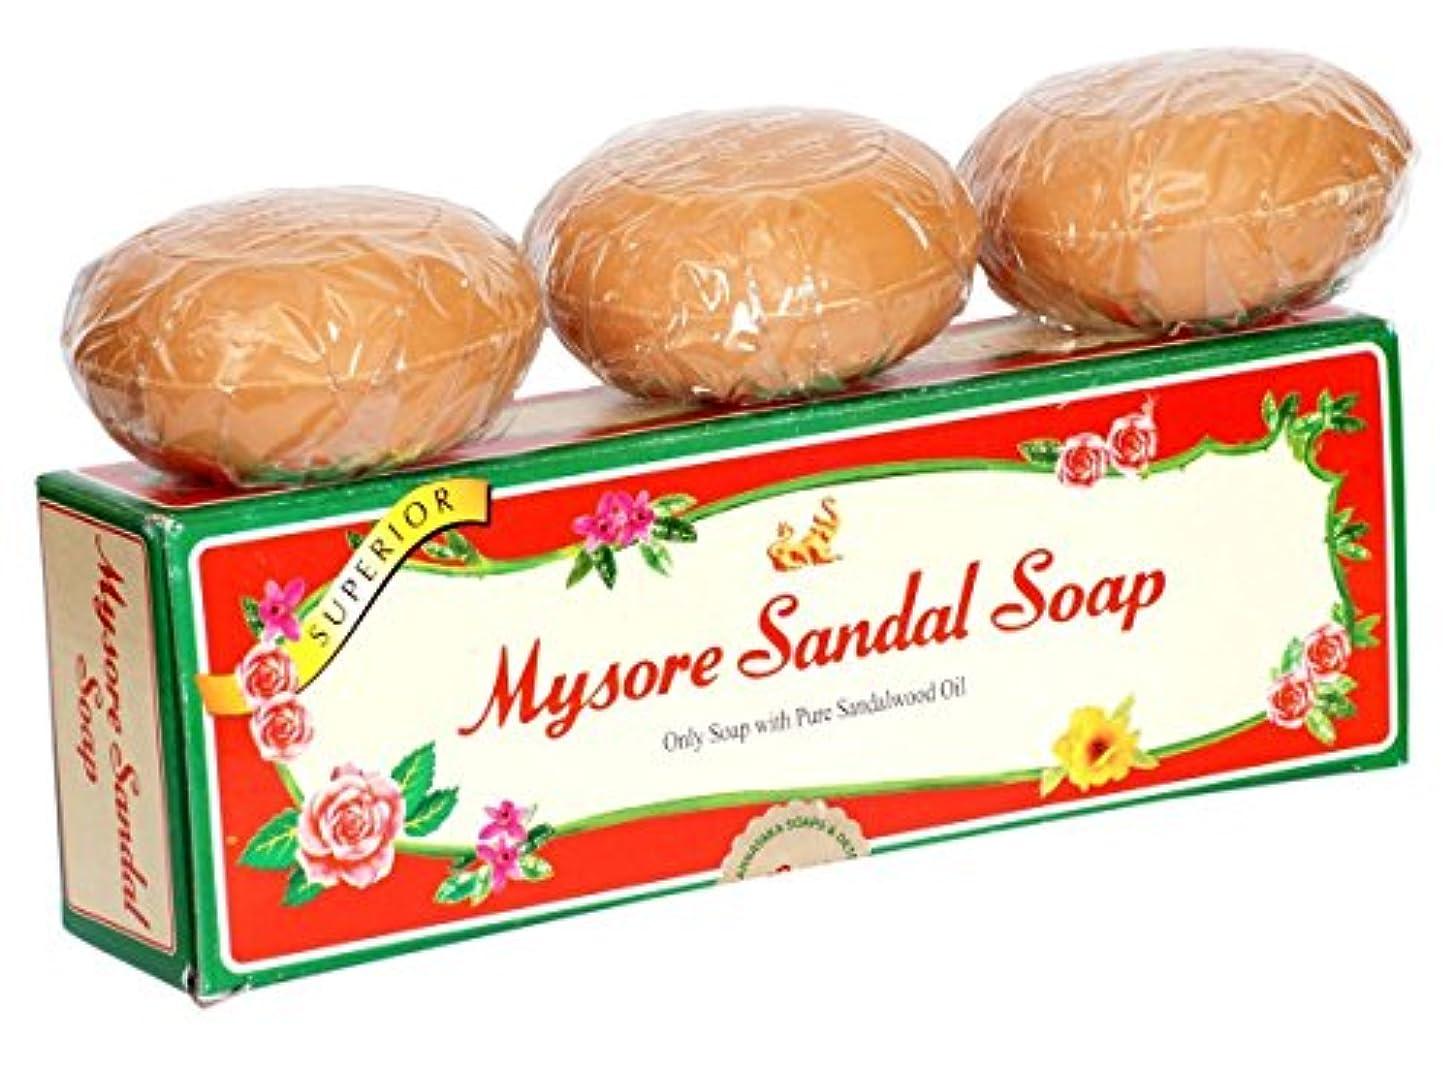 伸ばす頑張る同志Mysore Pure Natural Sandalwood Oil Ayurvedic Soap - 3 x 150g bars in 1 gift pack